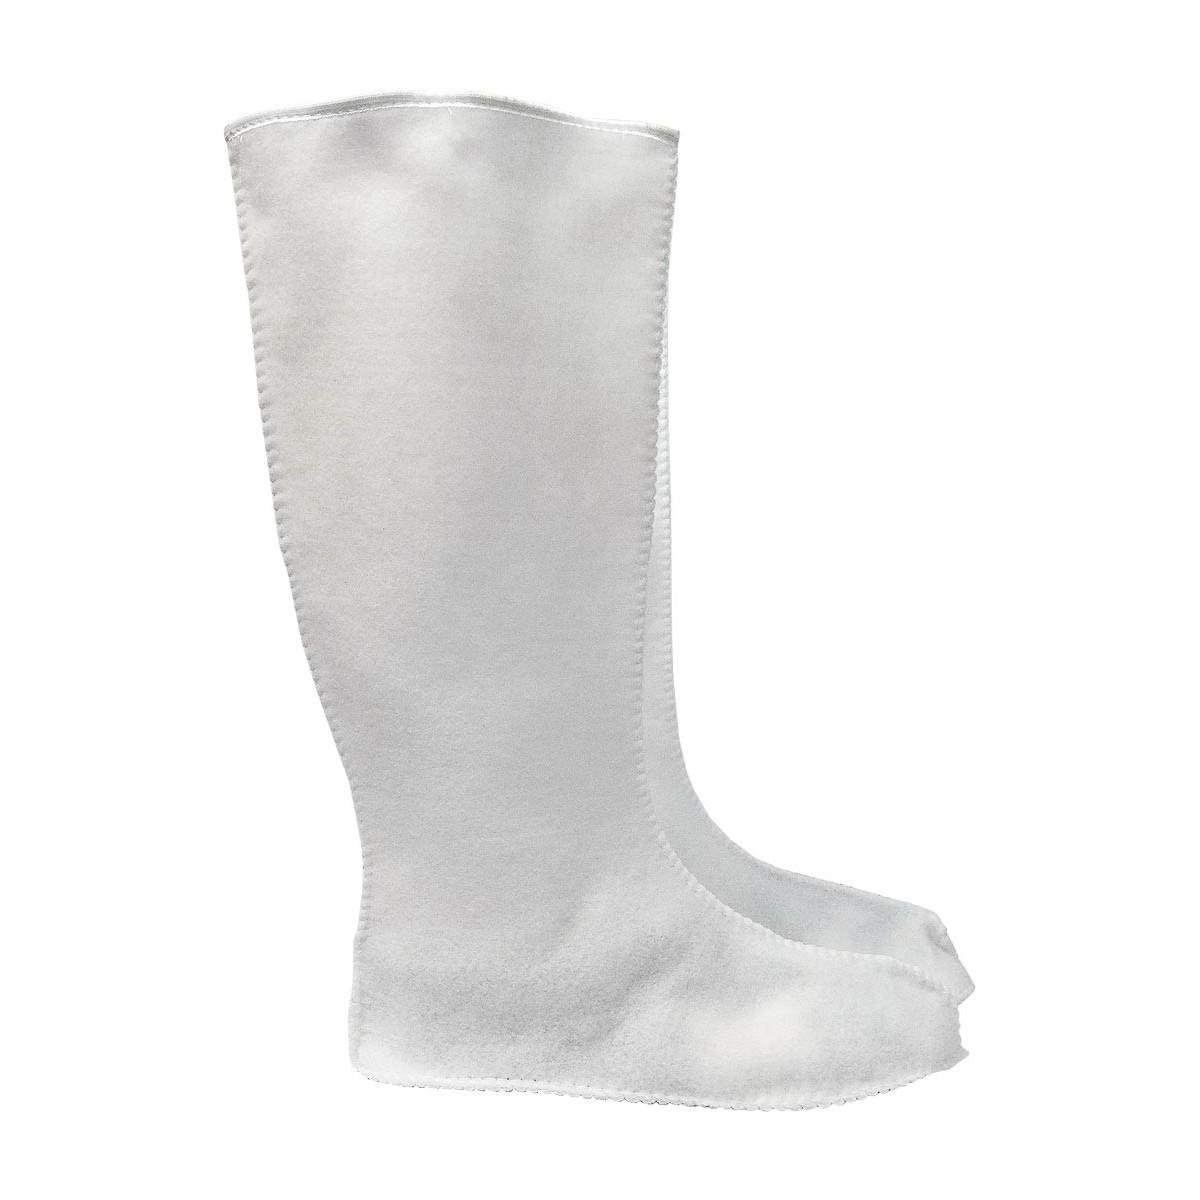 Wkład ocieplający do butów FAGUM-STOMIL biały r. 40-47